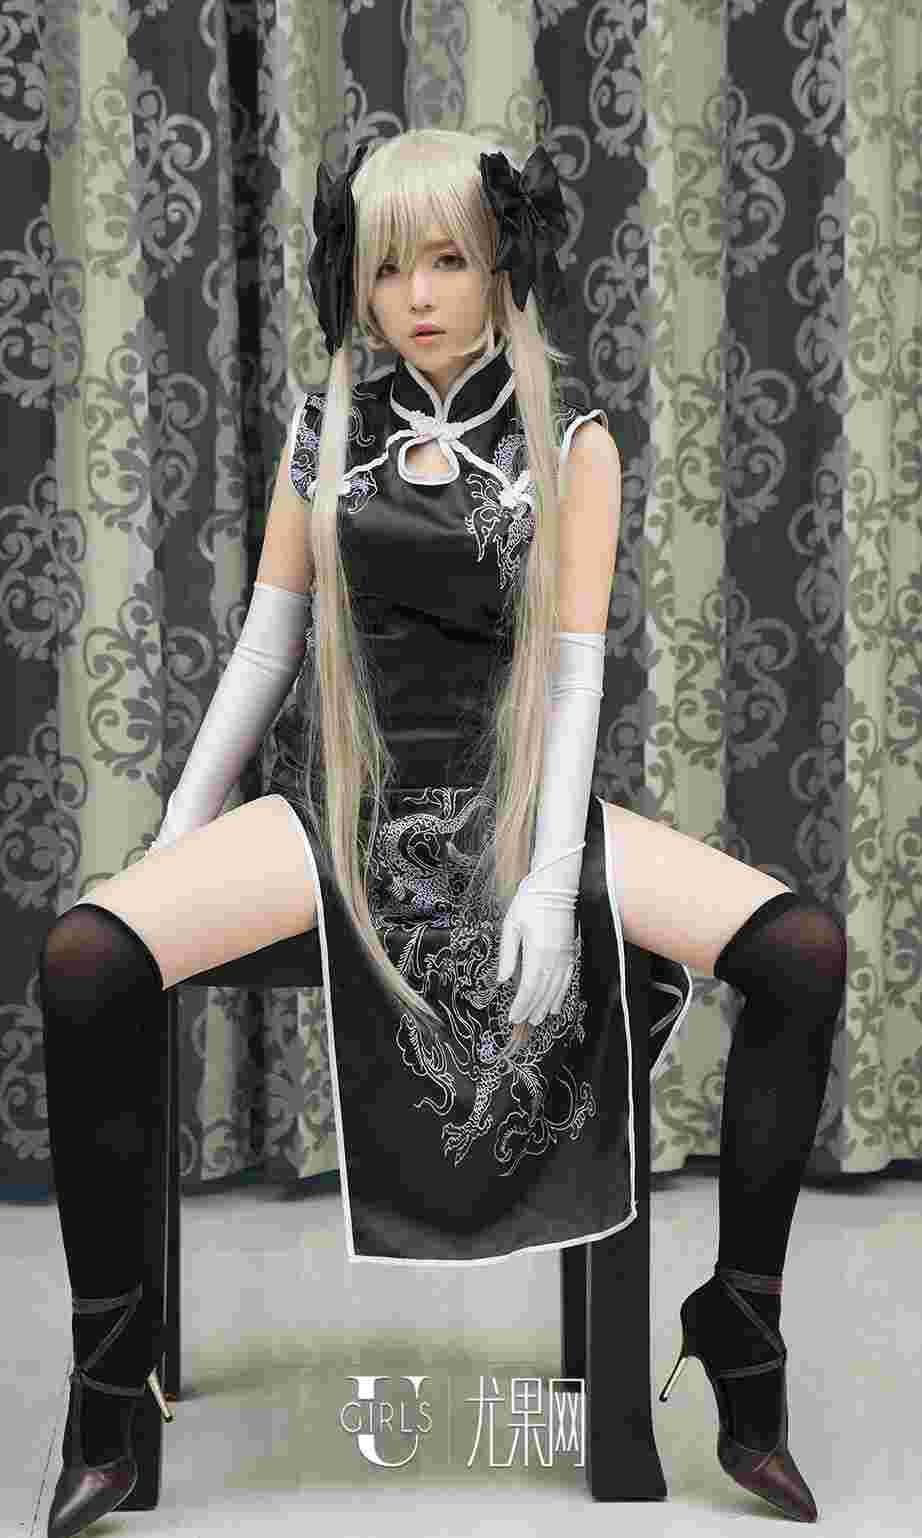 尤果网coser美女素衣cos动漫人物写真图片